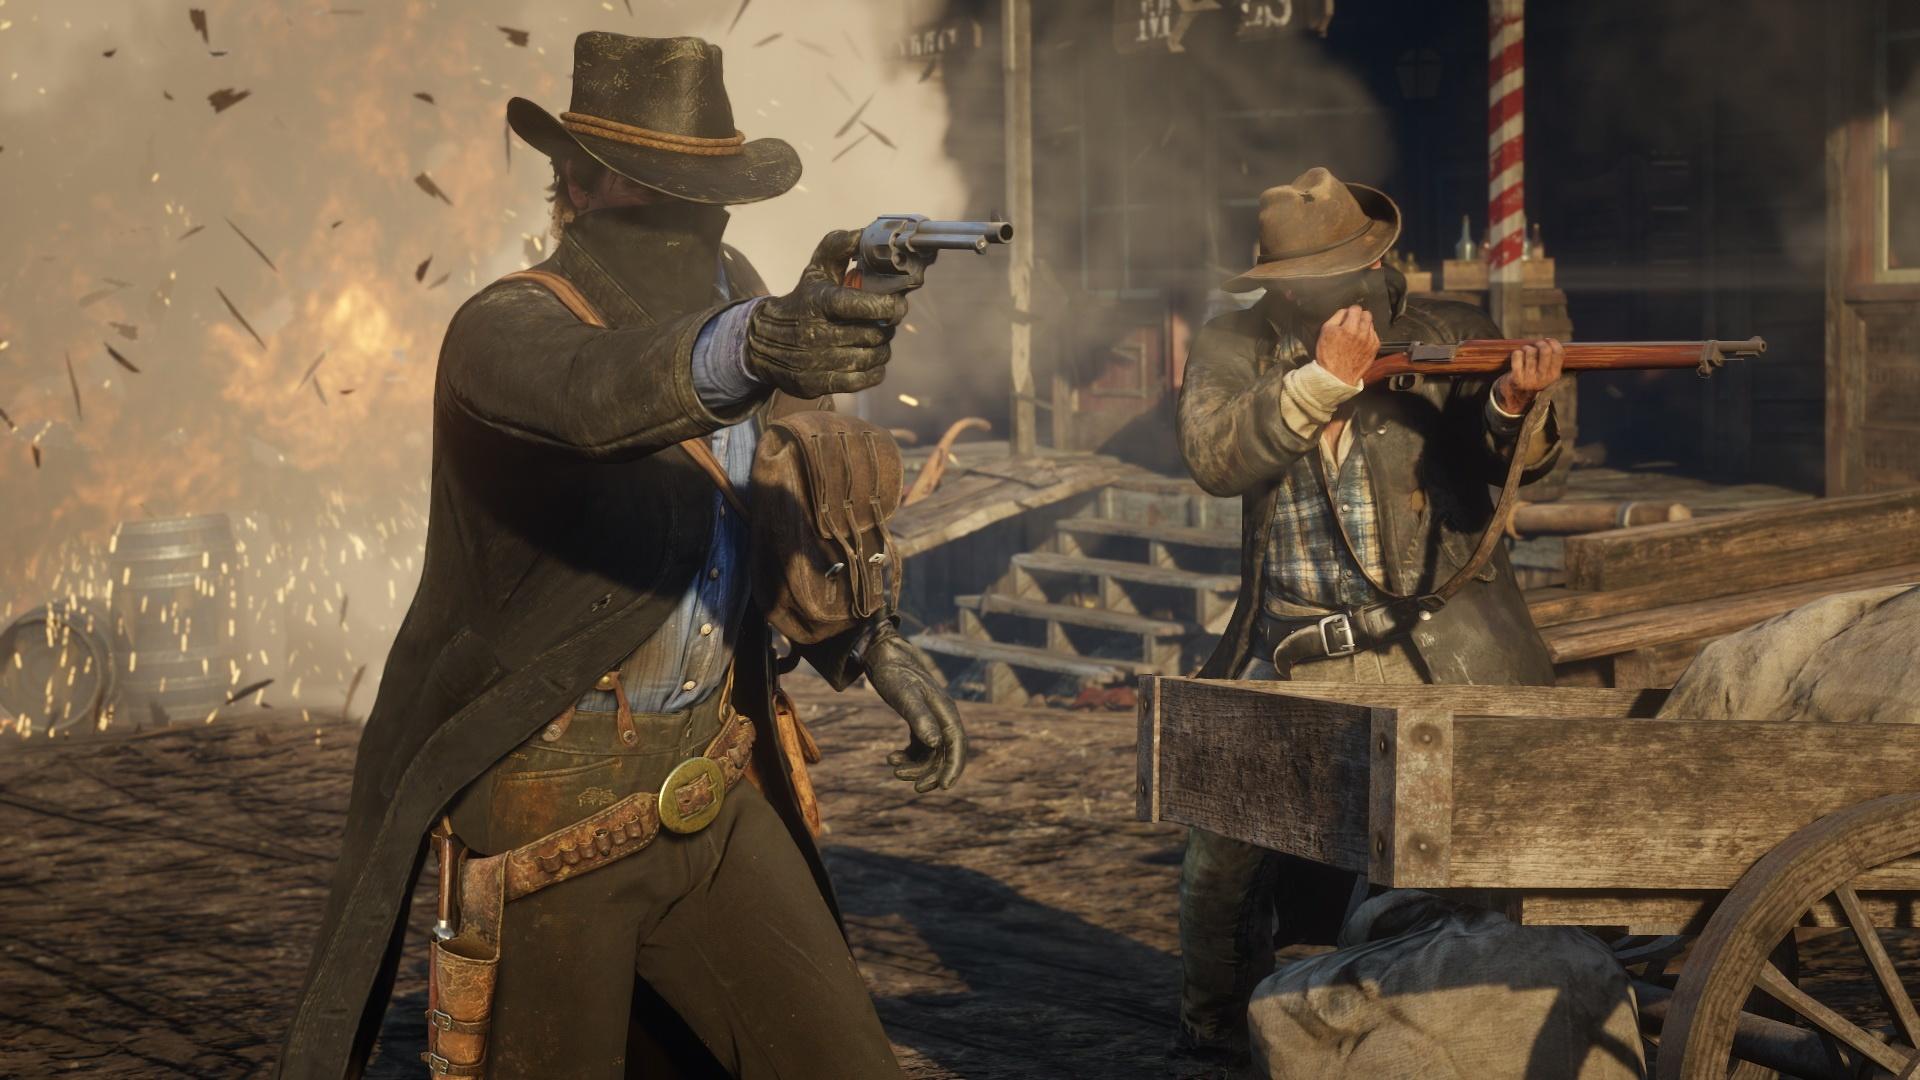 Red Dead Redemption 2: novas e belíssimas imagens destacam visual do jogo 12